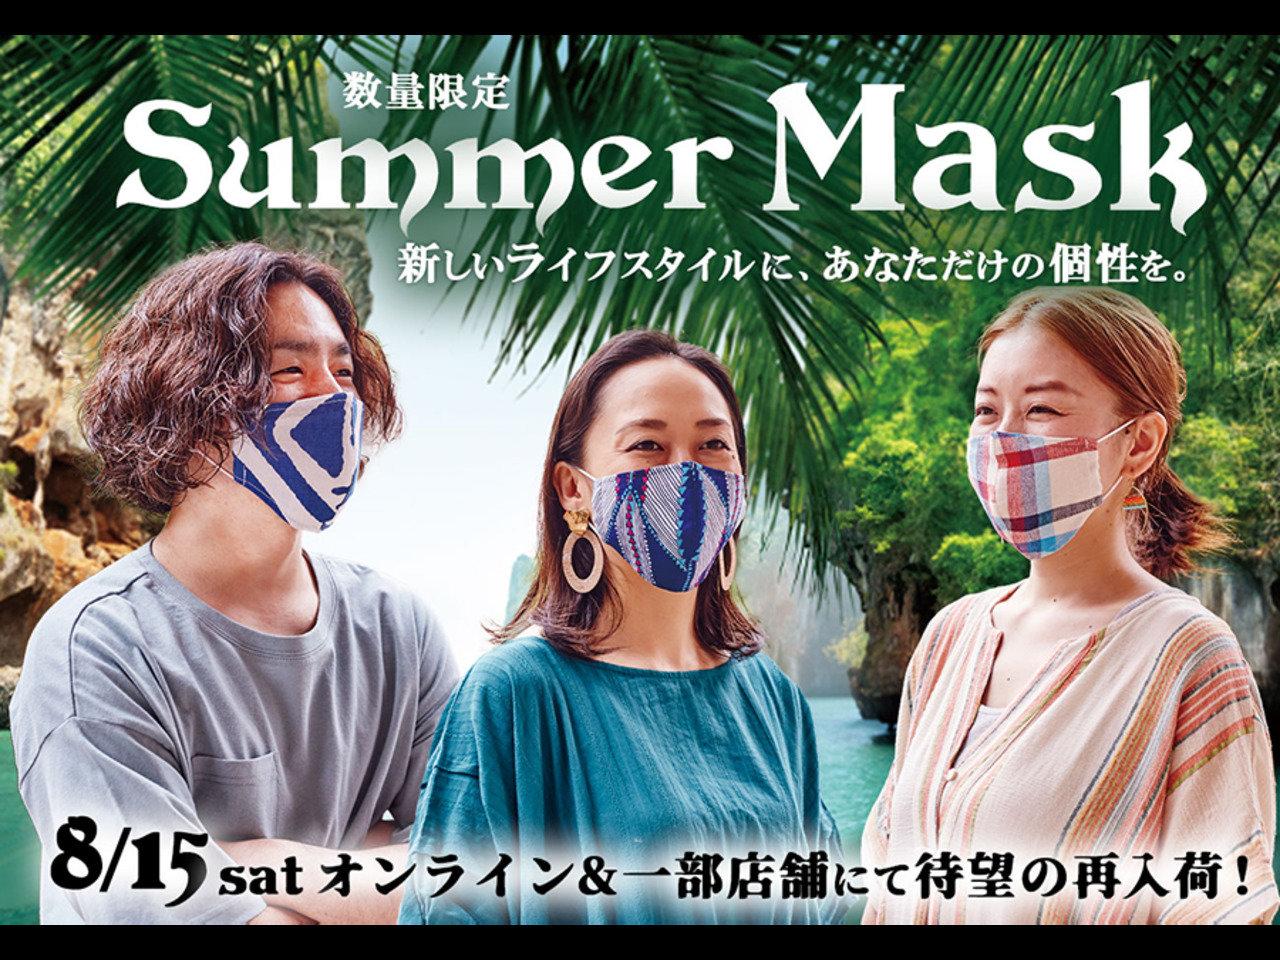 肌触り柔らかな「インド綿100%」、安心の日本縫製。綿100%夏マスク第4弾